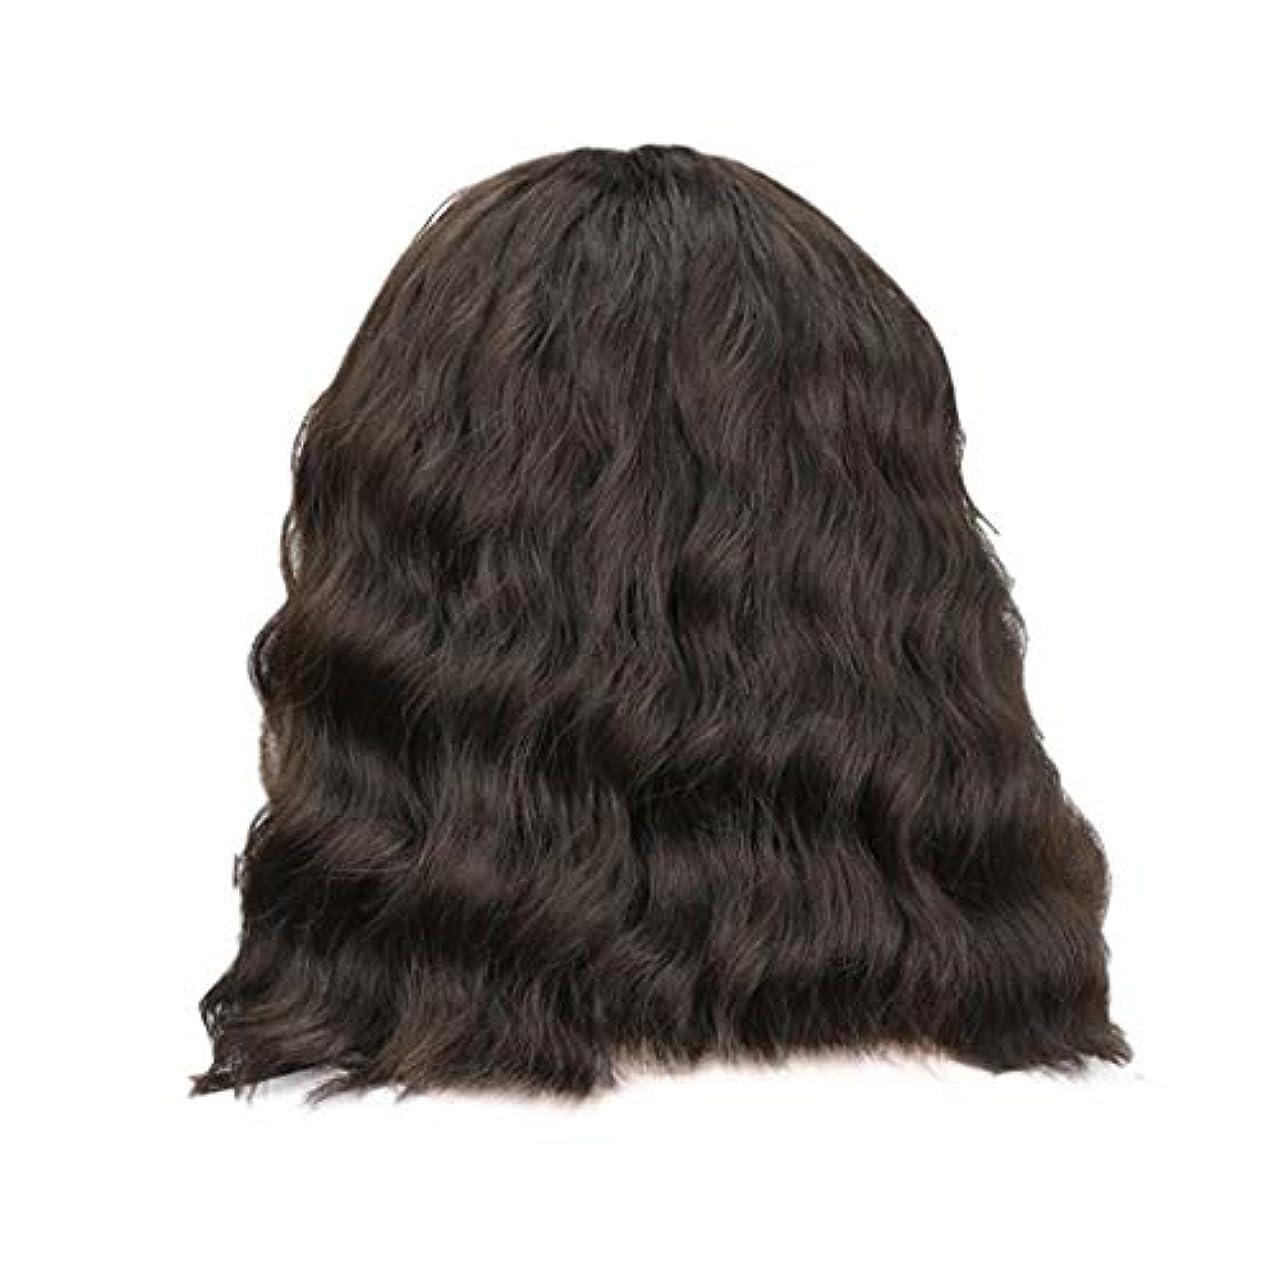 お茶キャンベラ構成員女性の黒の短い巻き毛のかつらボブ波かつらローズネット34 cm